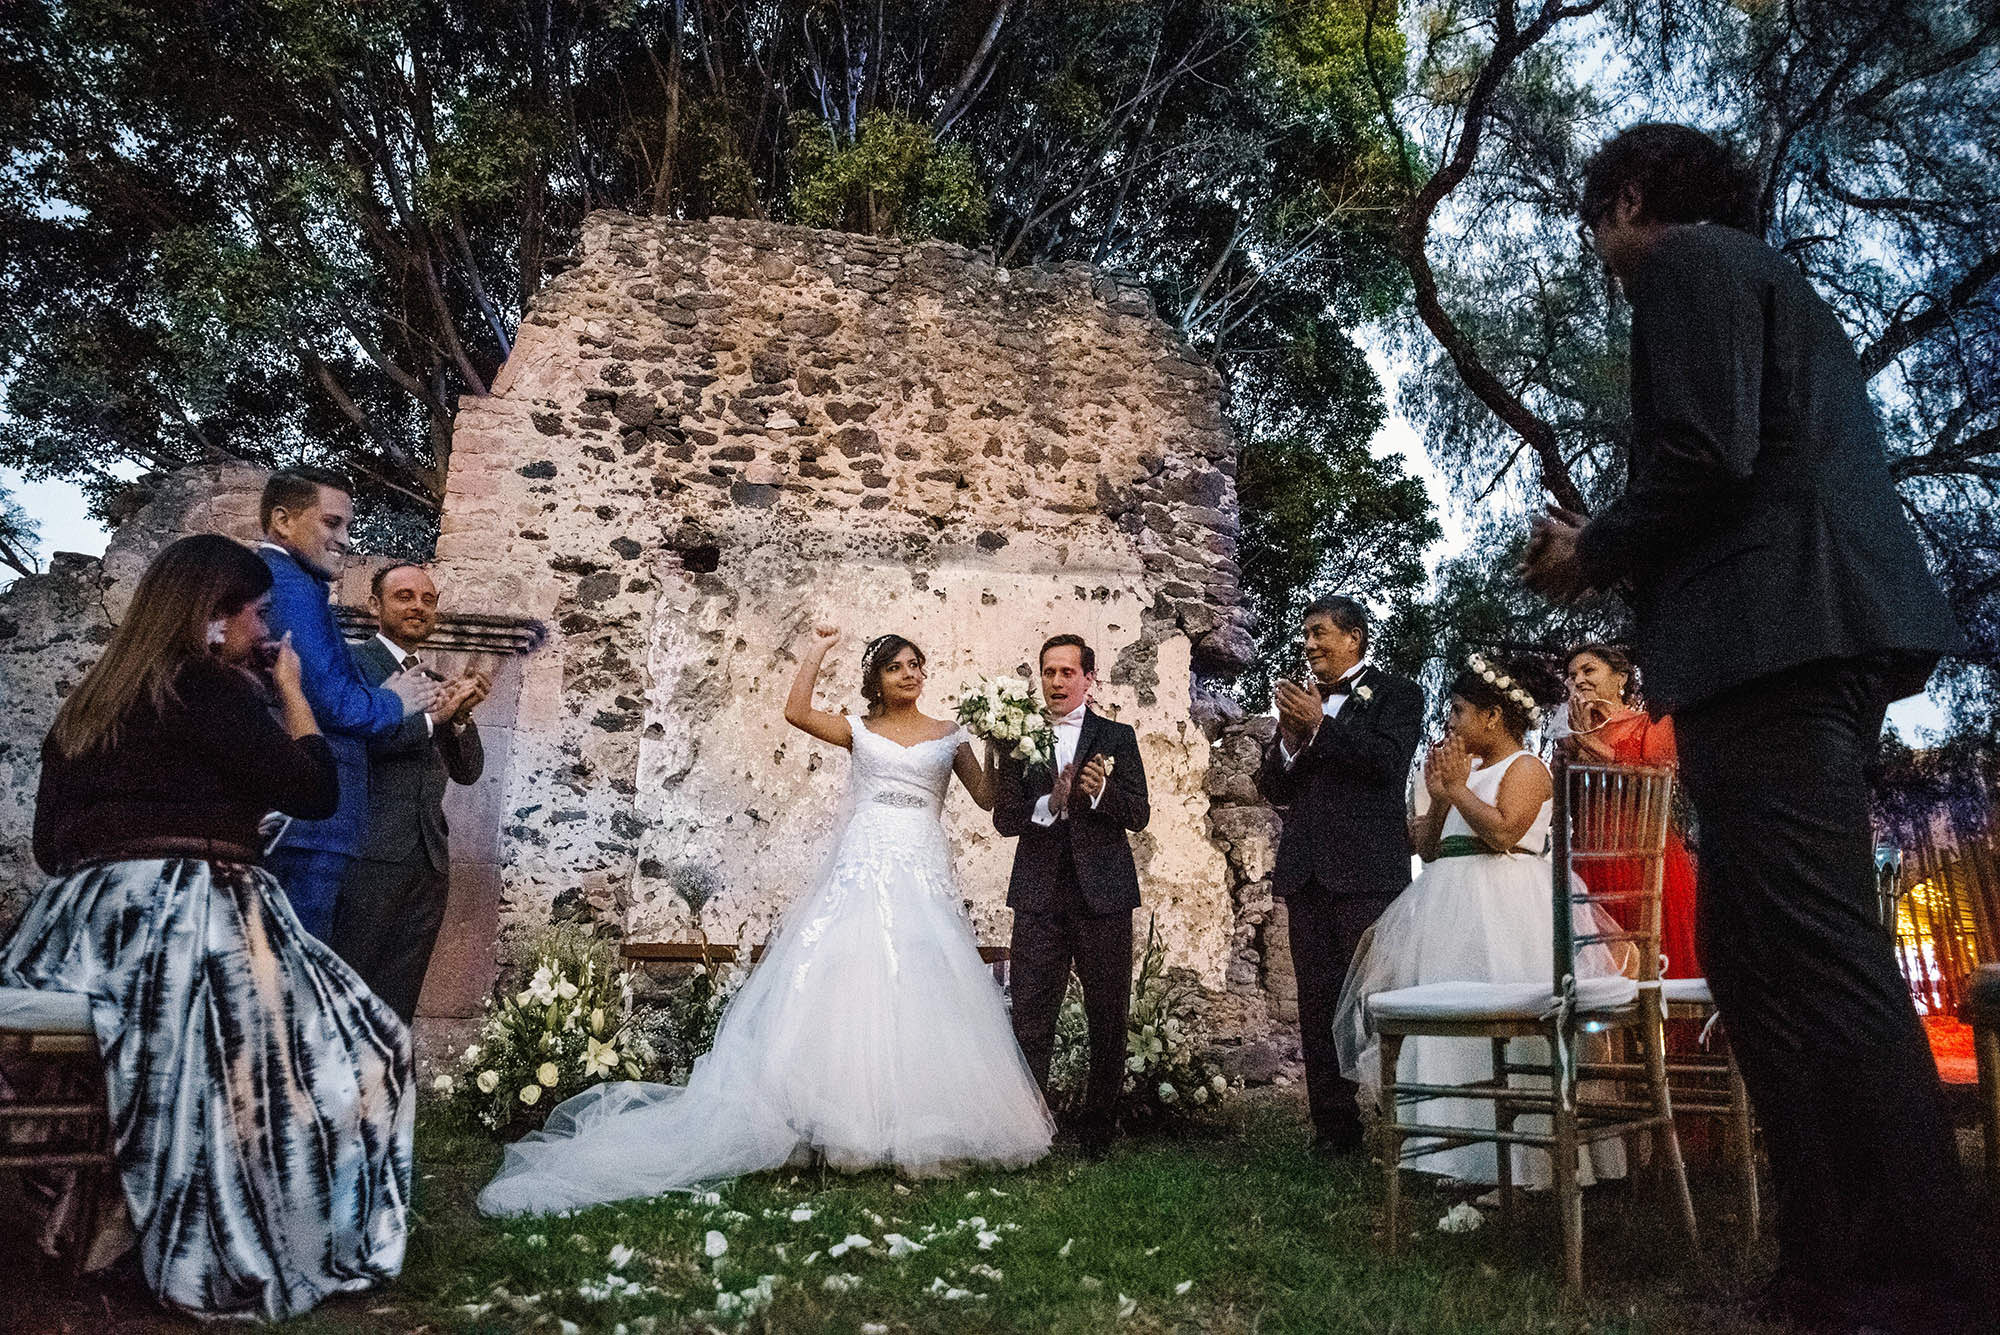 Boda Queretaro hacienda wedding planner magali espinosa fotografo 37-WEB.jpg